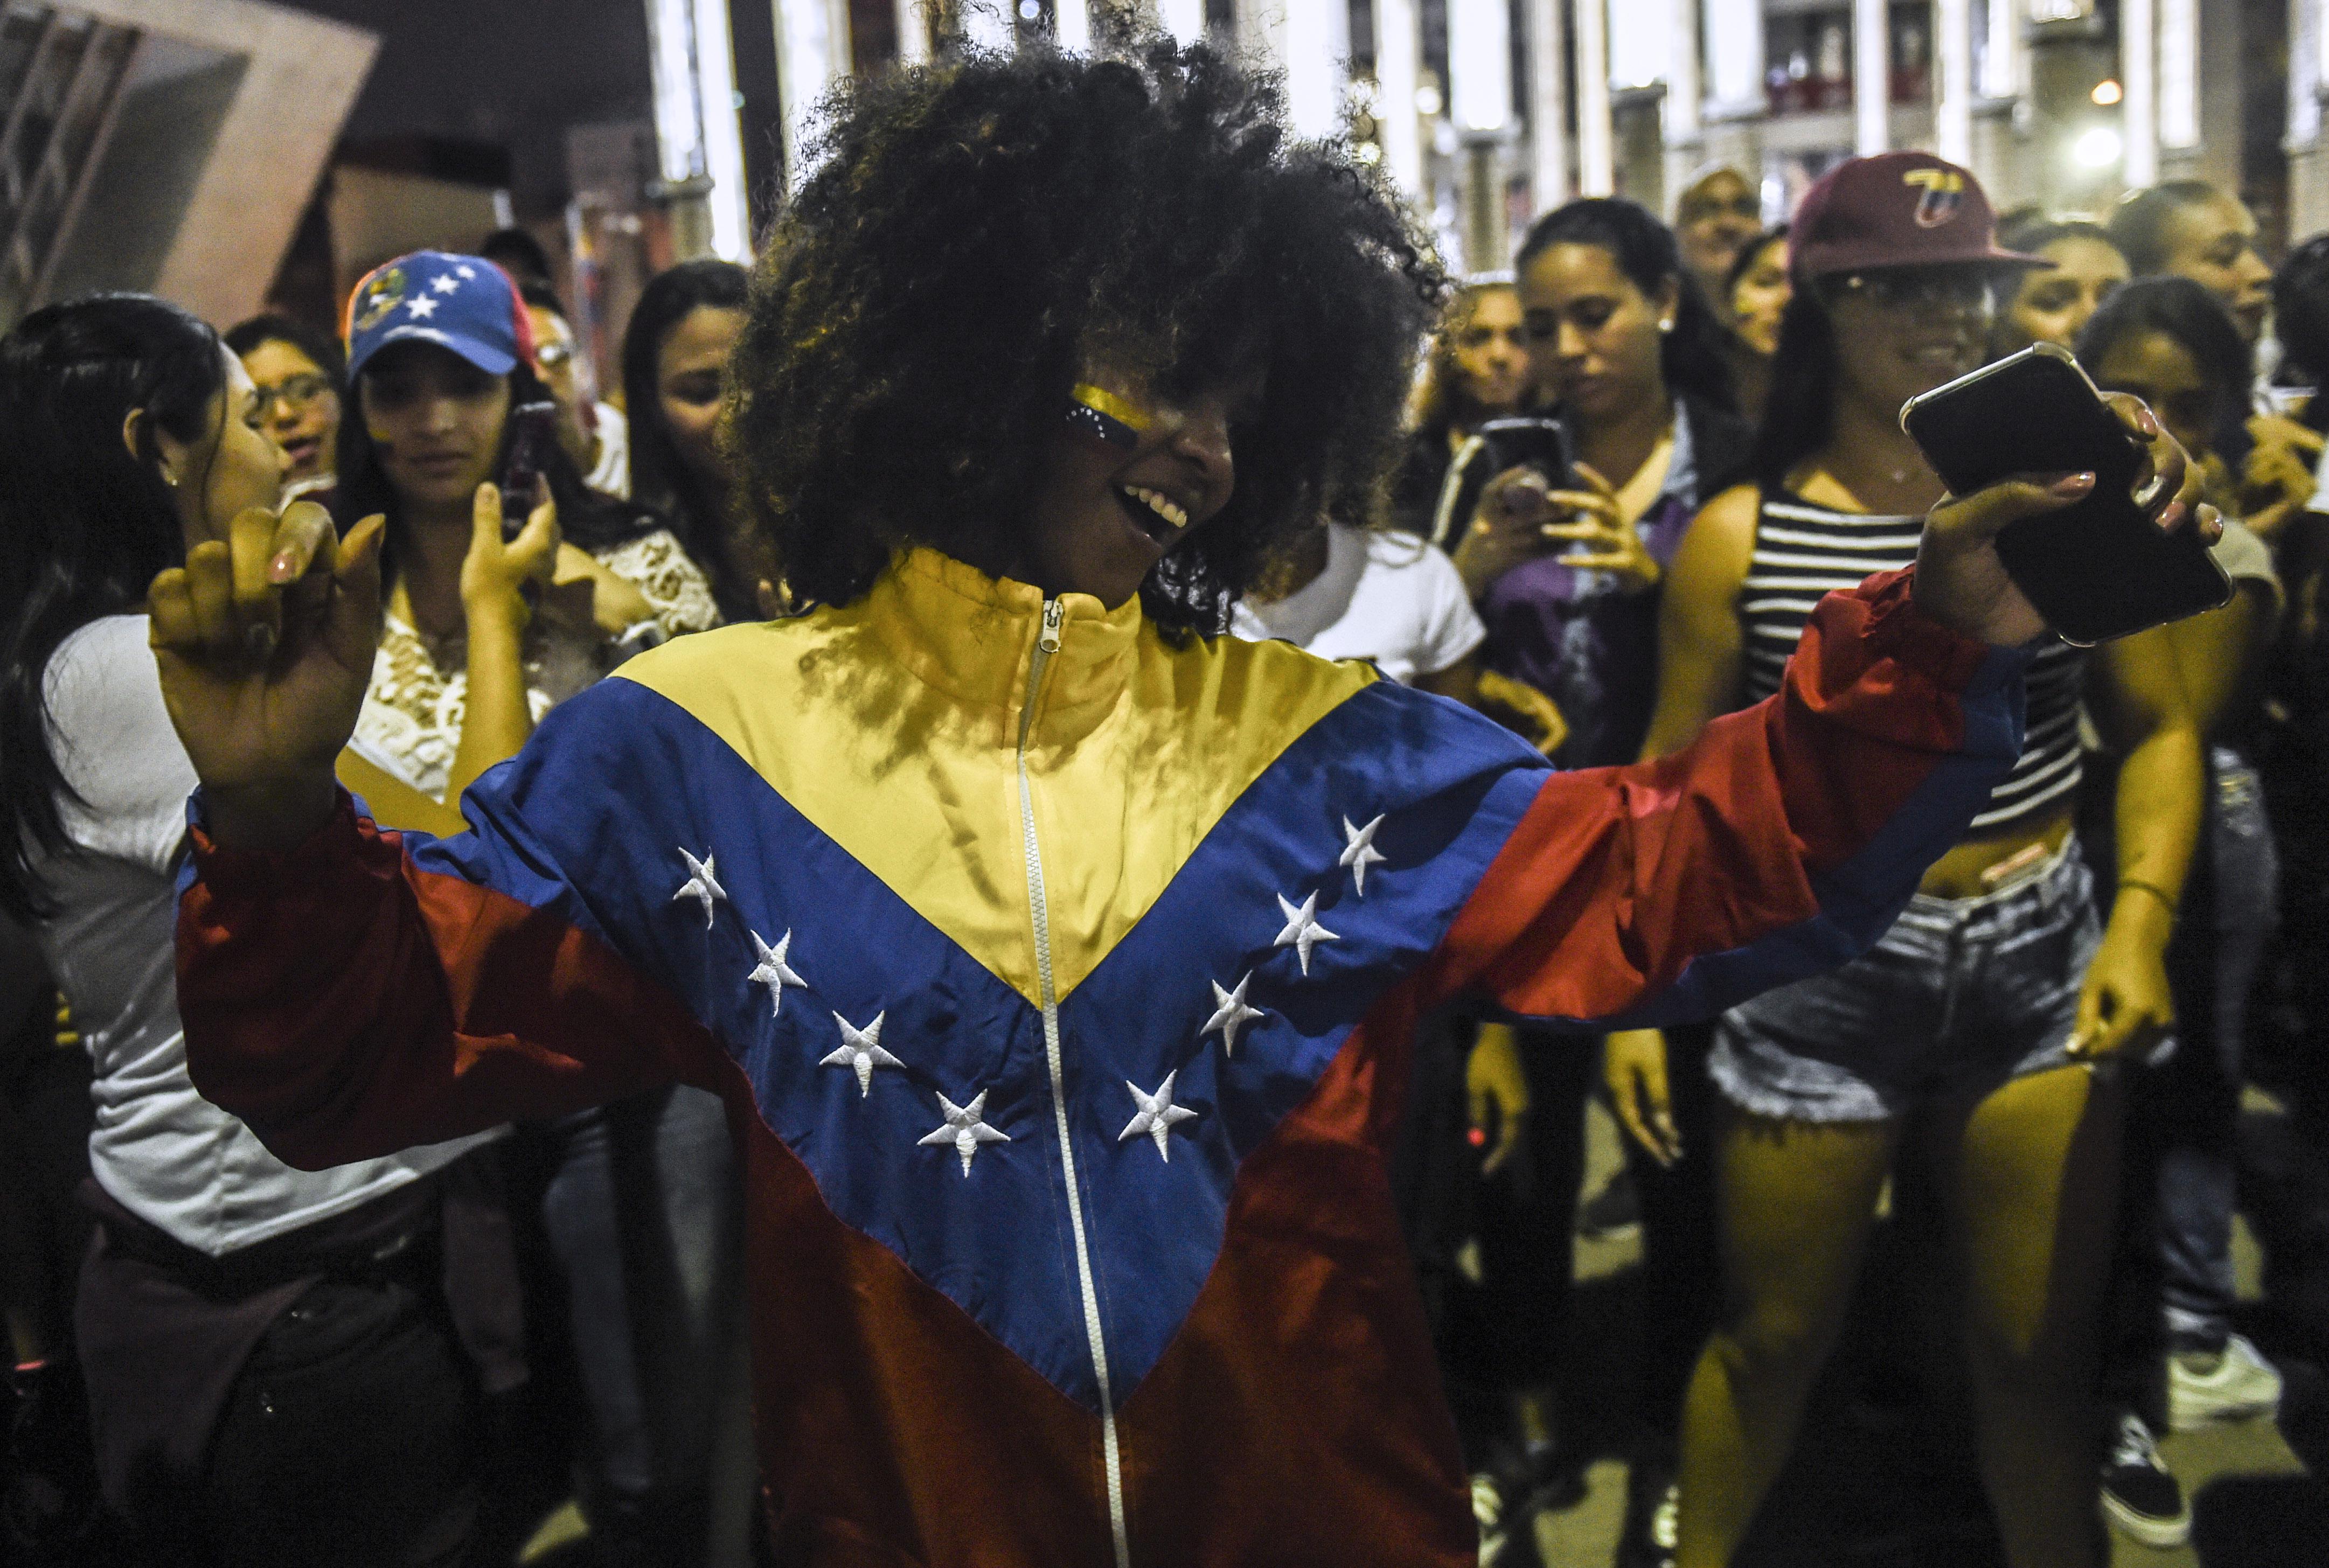 Venezolana en Medellín. (Photo by JOAQUIN SARMIENTO / AFP)